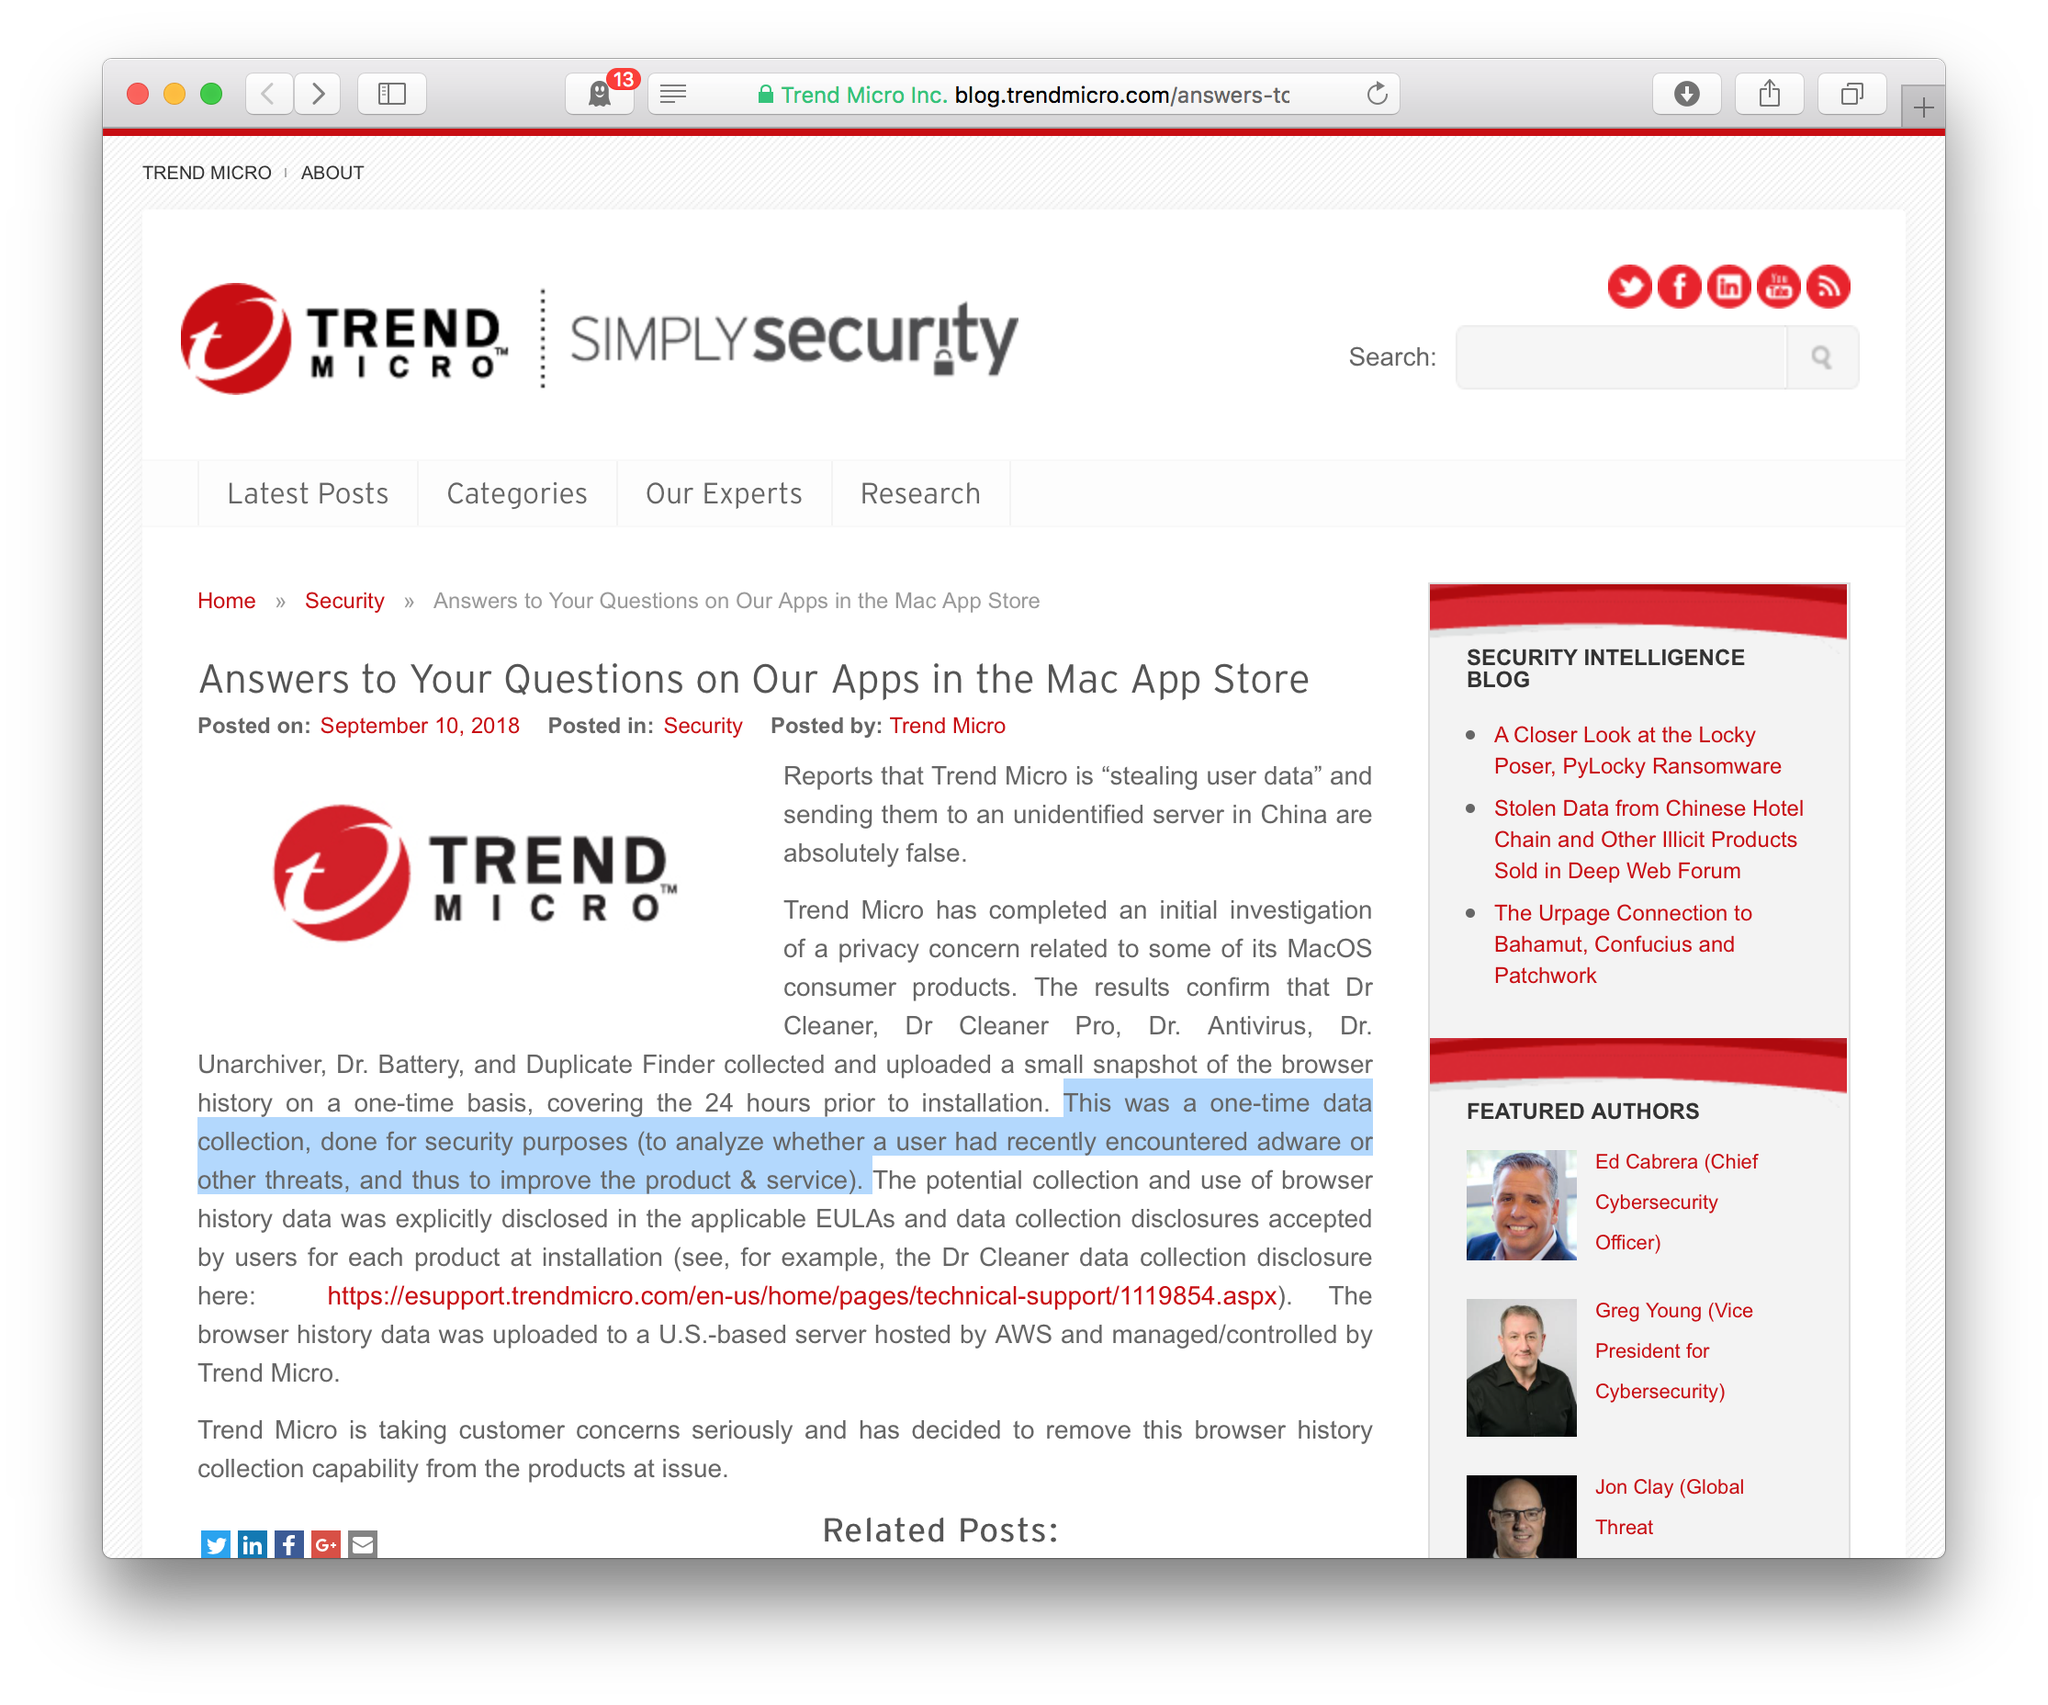 画像,「ユーザーが最近アドウェアその他の脅威に遭遇したかどうかを分析して、製品とサービスを改善する」セキュリティ目的だってー!m9(^Д^)プギャーwwwwwww…